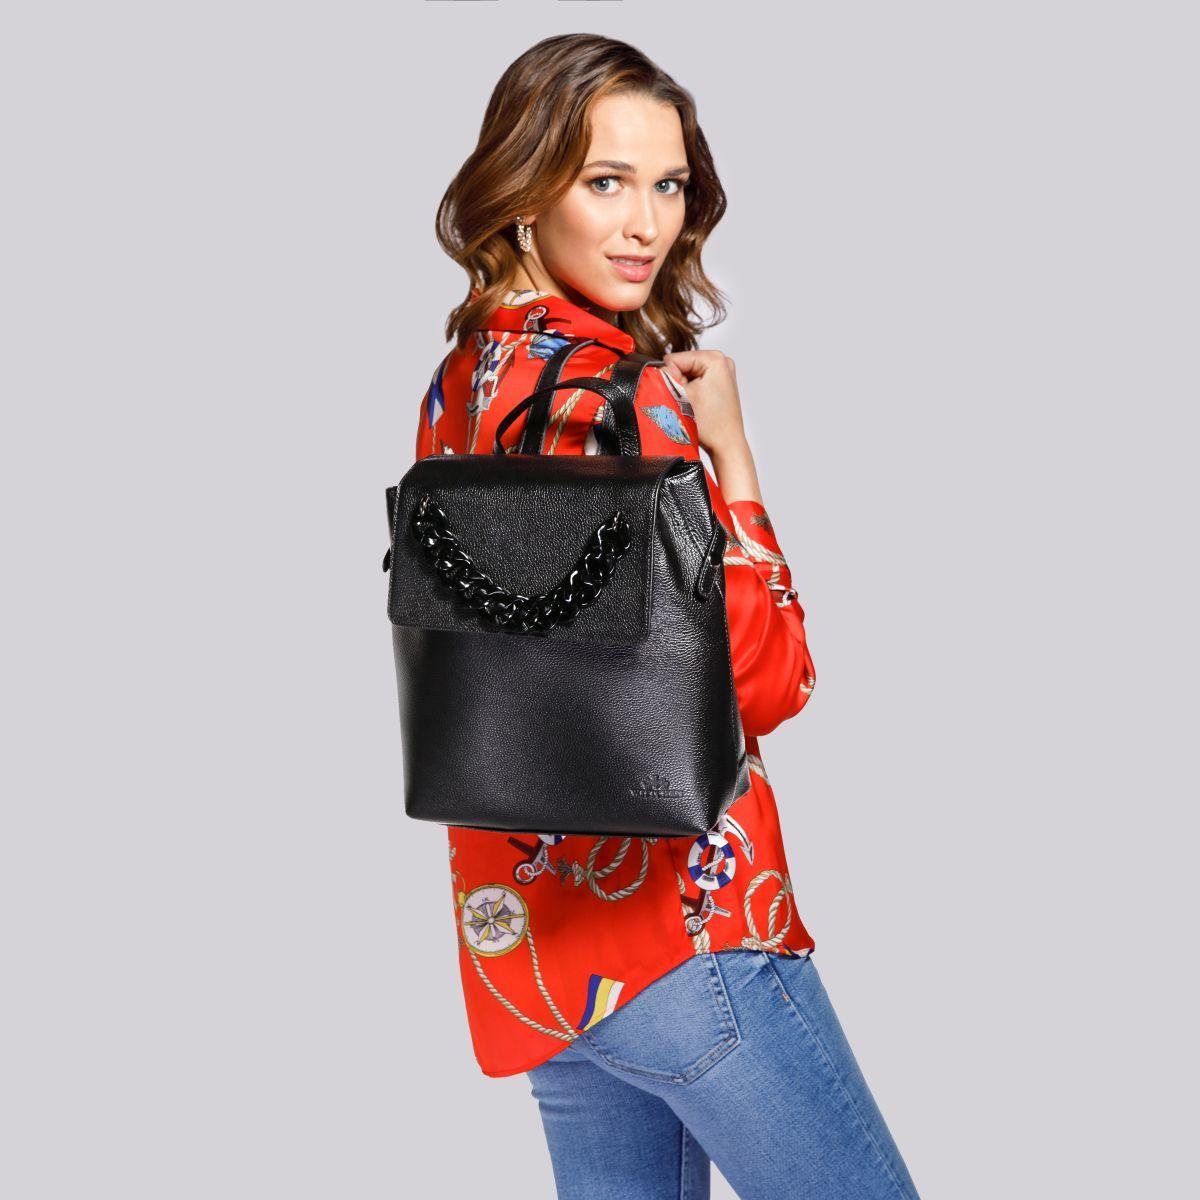 Co zamiast torebki? Wybierz modne plecaki damskie!   Wittchen